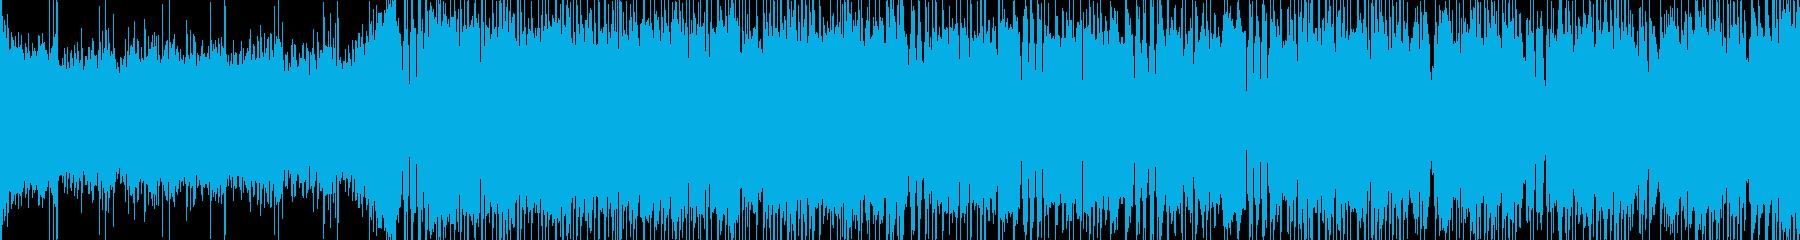 三味線のメタル調和風バトル曲【ループ可】の再生済みの波形